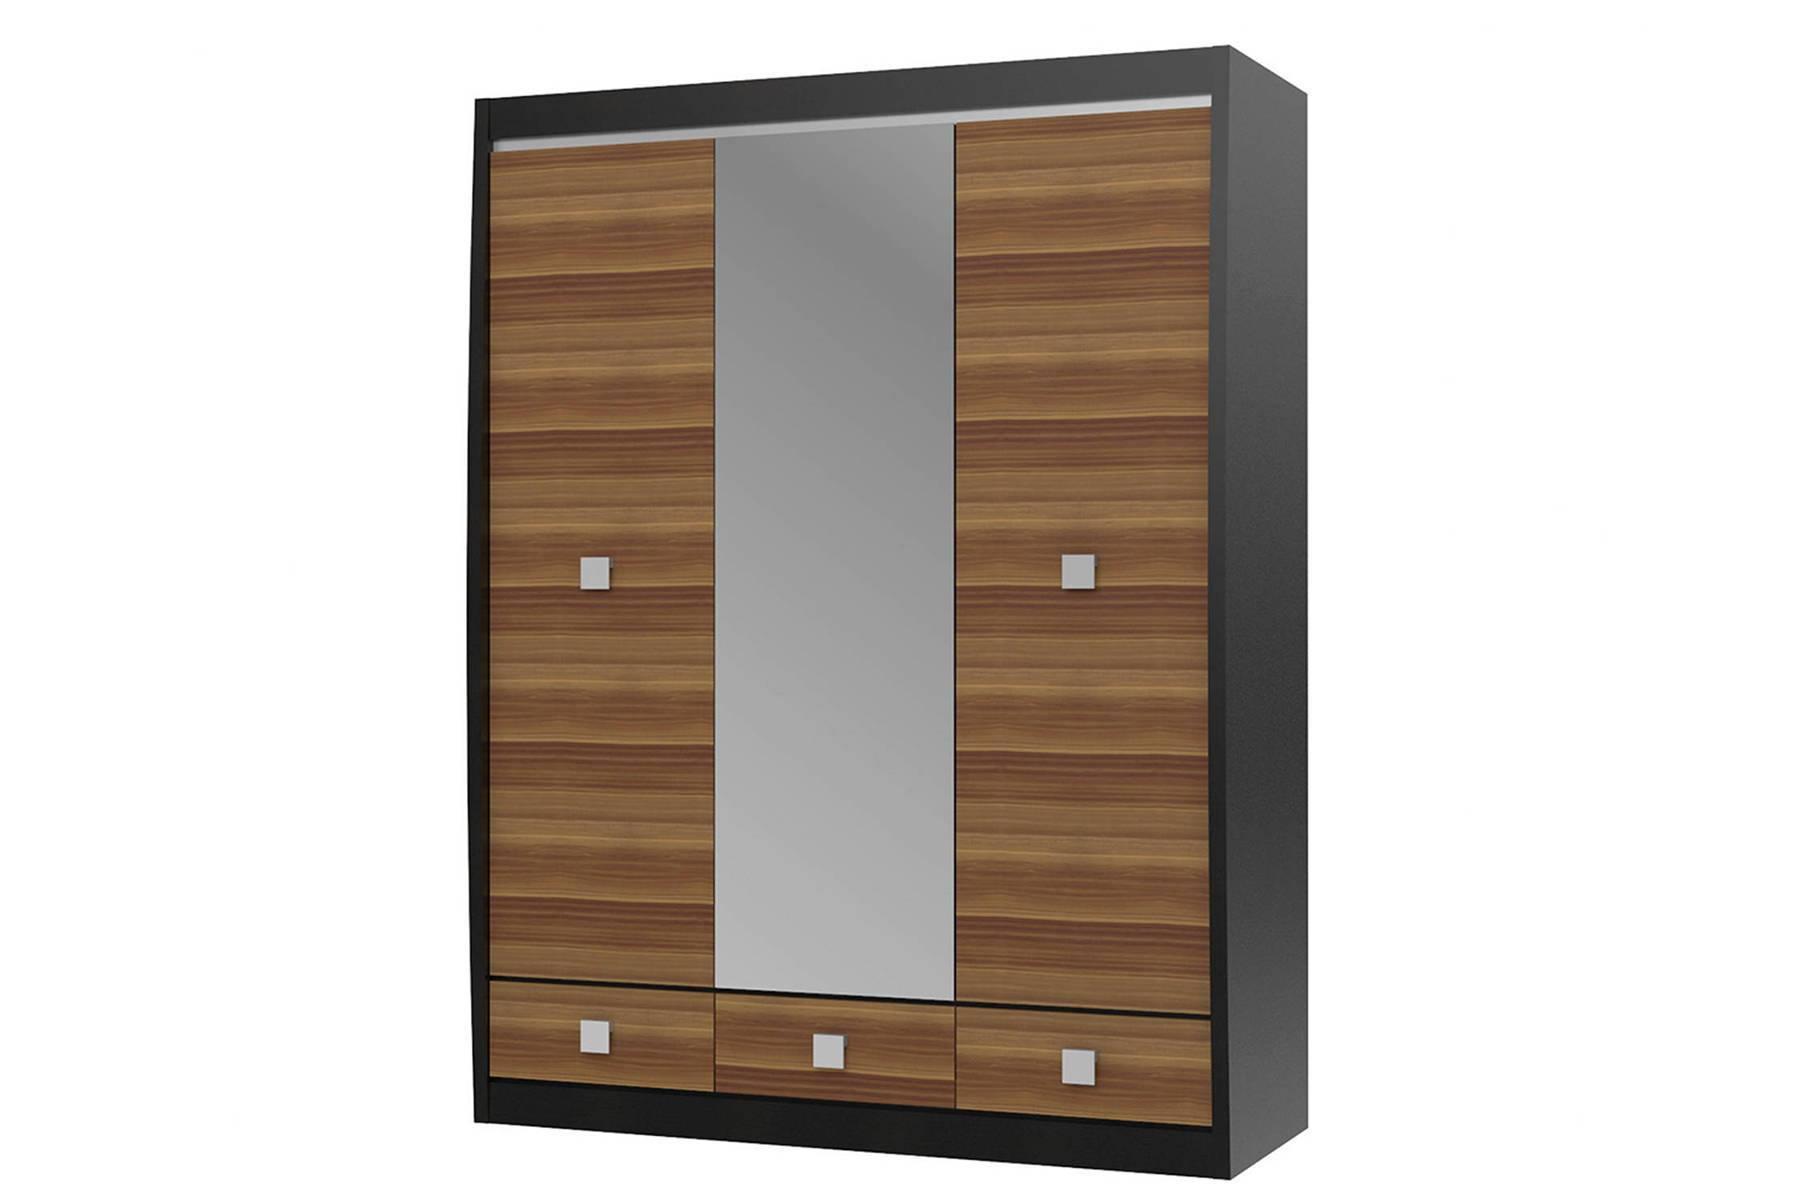 цена на Шкаф с зеркалом 3-х дверный с 3-мя ящиками Ксено СТЛ.078.16